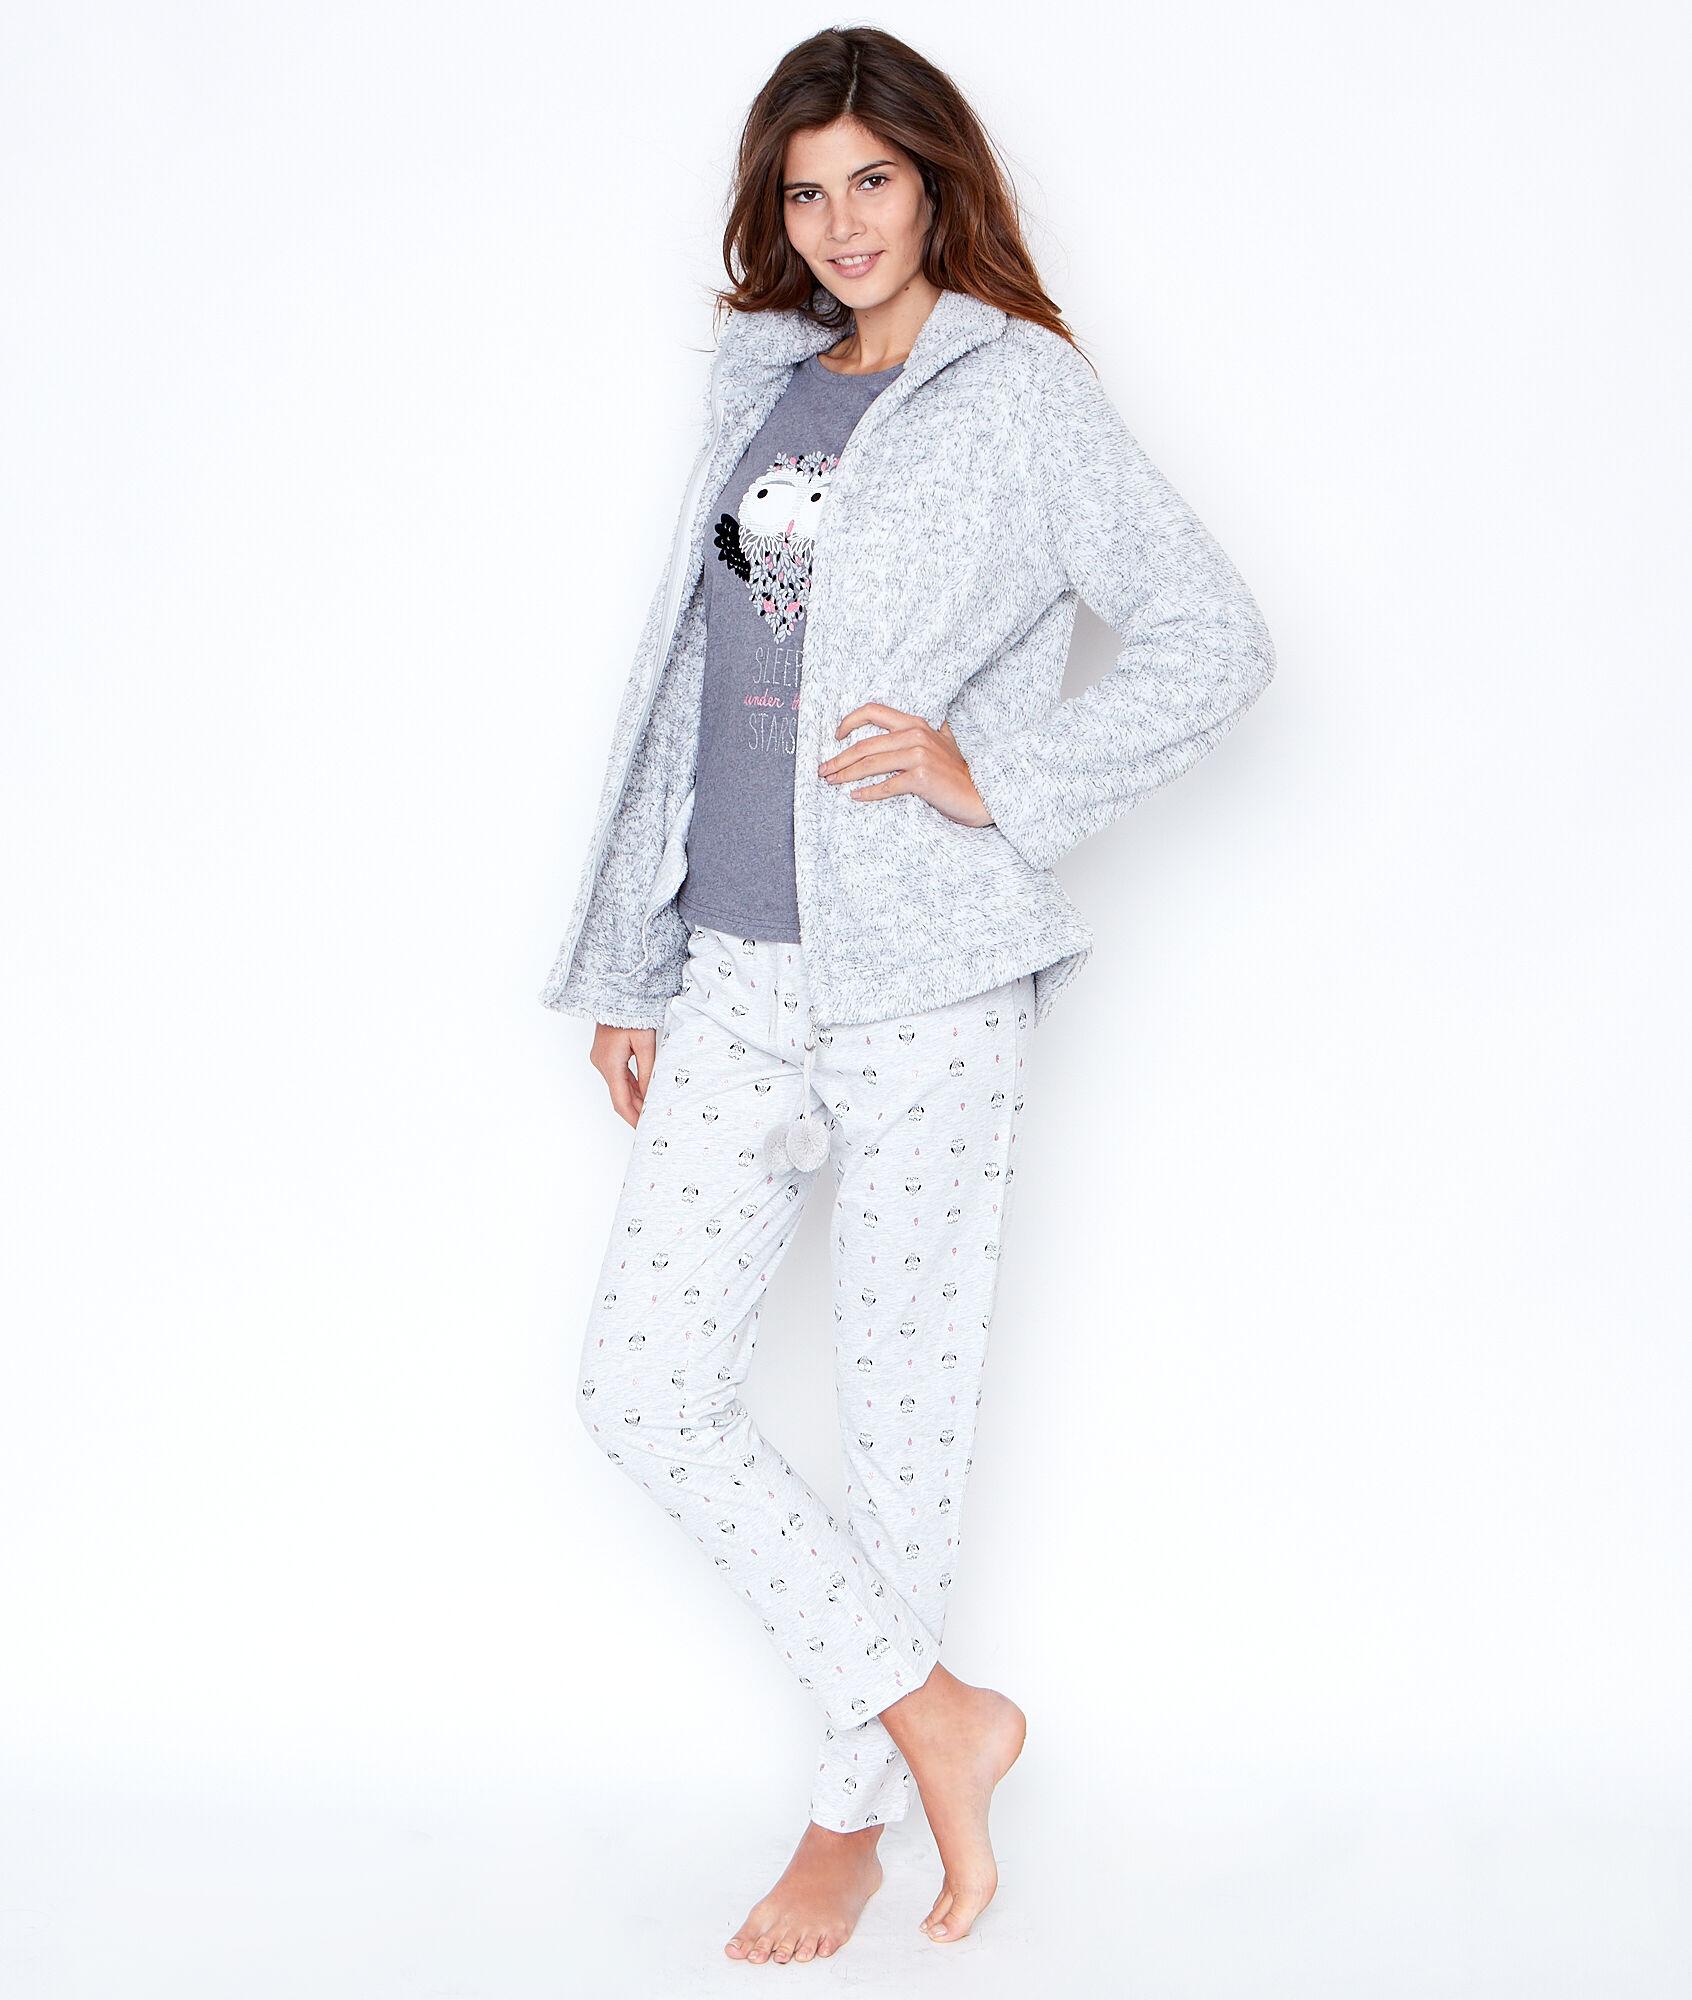 pyjama 3 pi ces pantalon imprim et veste toucher polaire. Black Bedroom Furniture Sets. Home Design Ideas